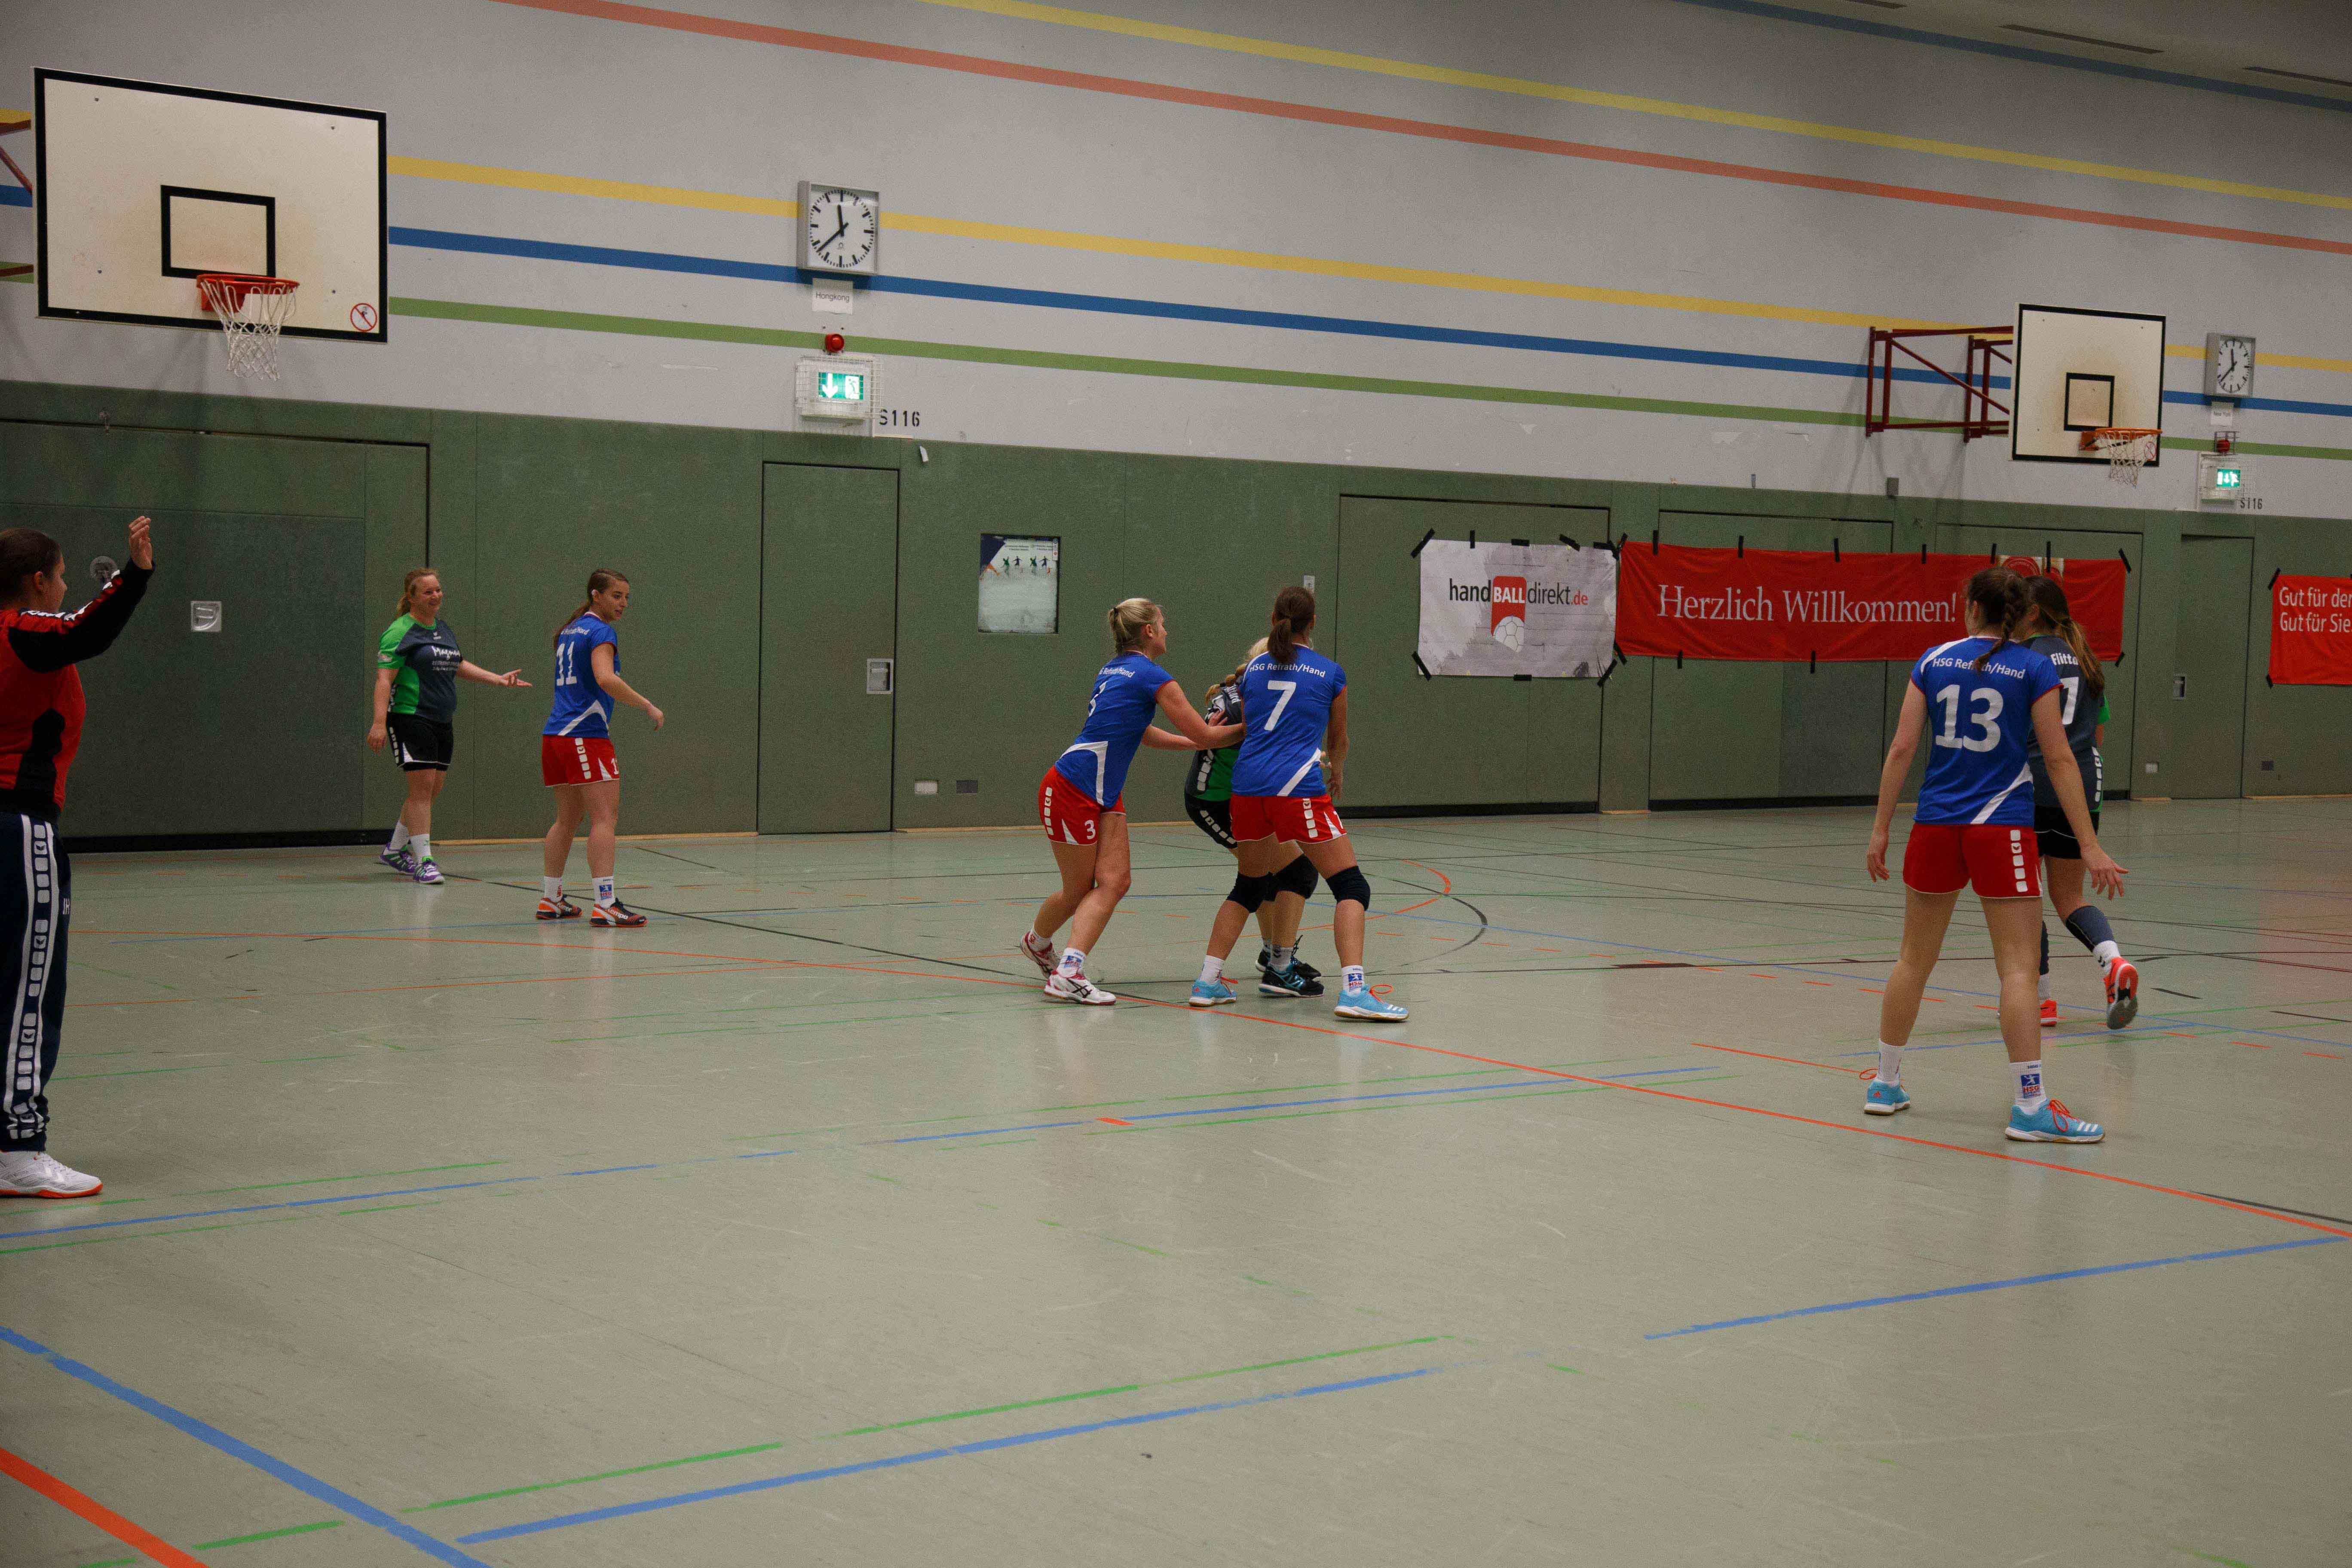 Handball0203